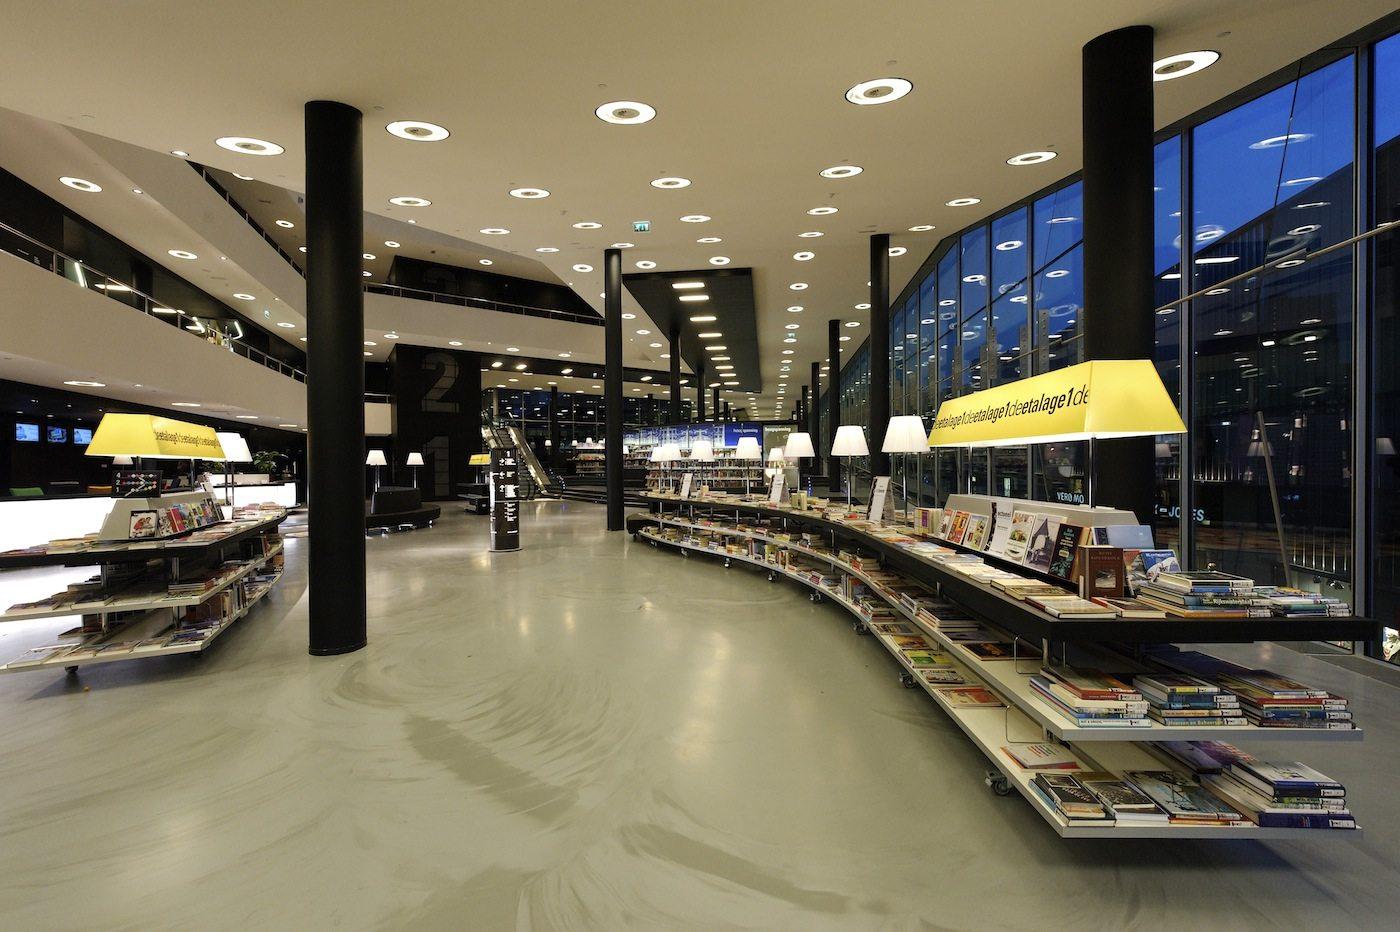 De Nieuwe Bibliotheek.  Die an eine Hotellobby erinnernde Eingangshalle.